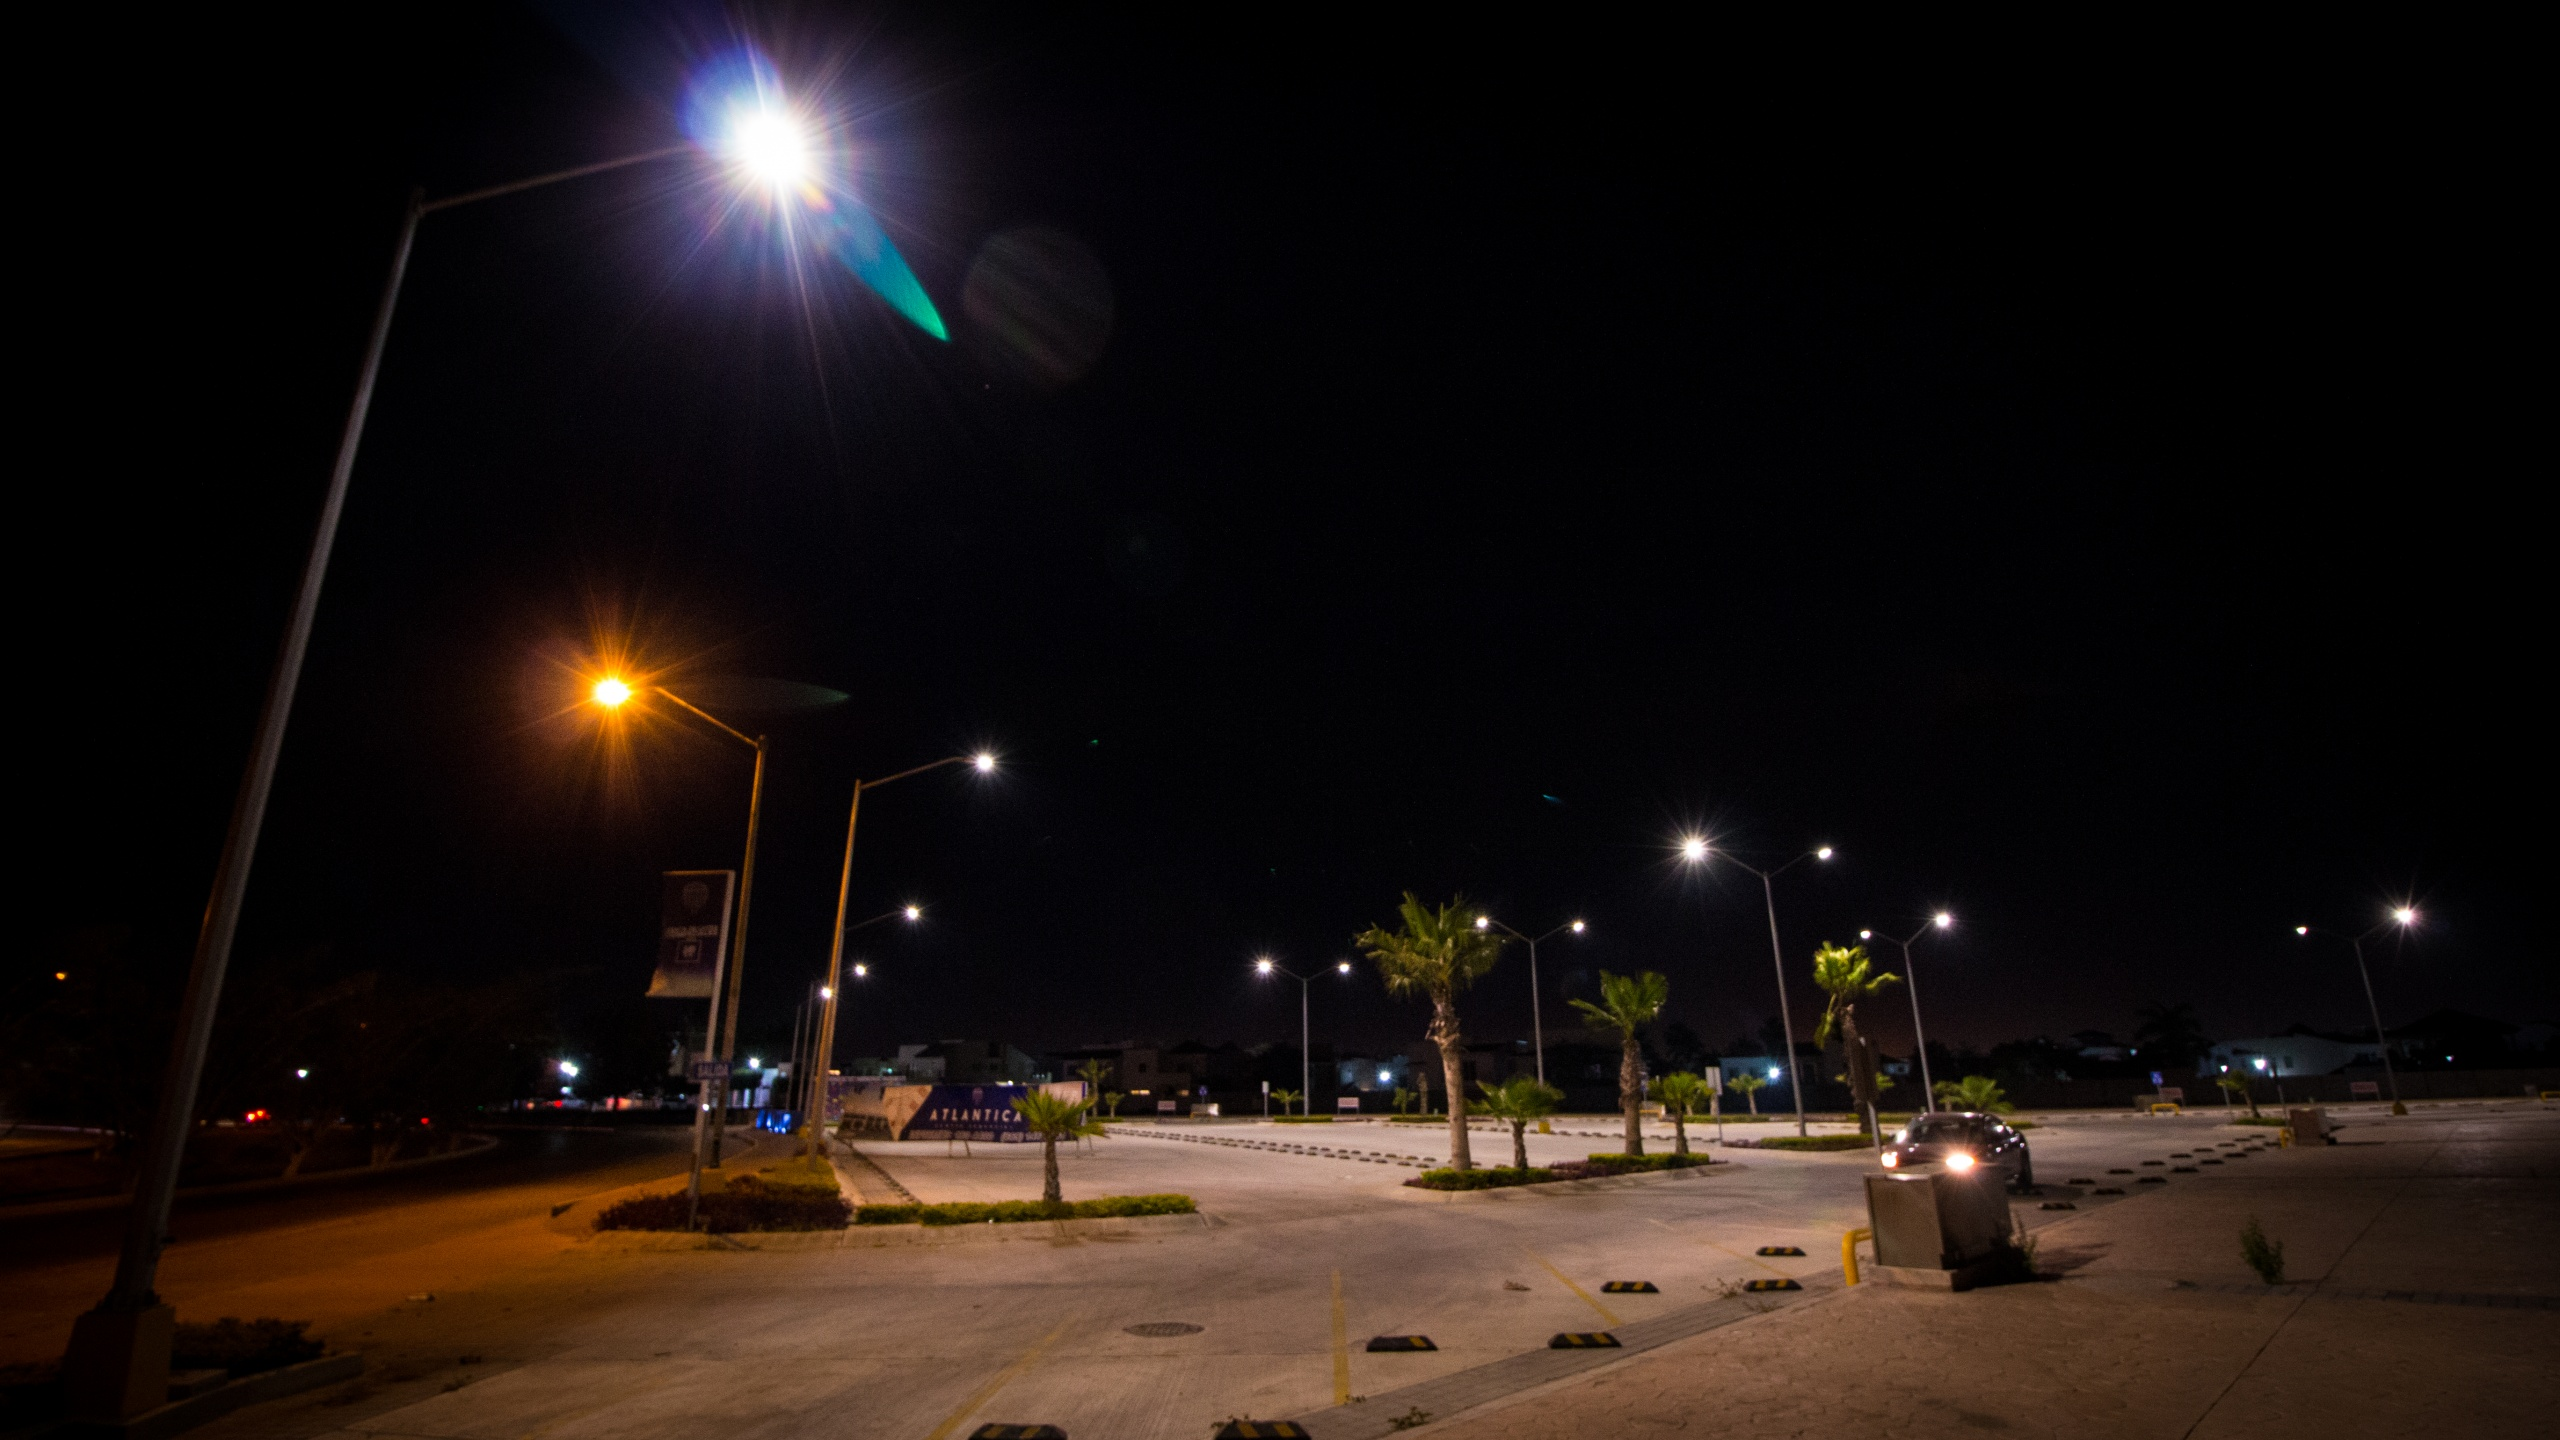 Plaza atlántica